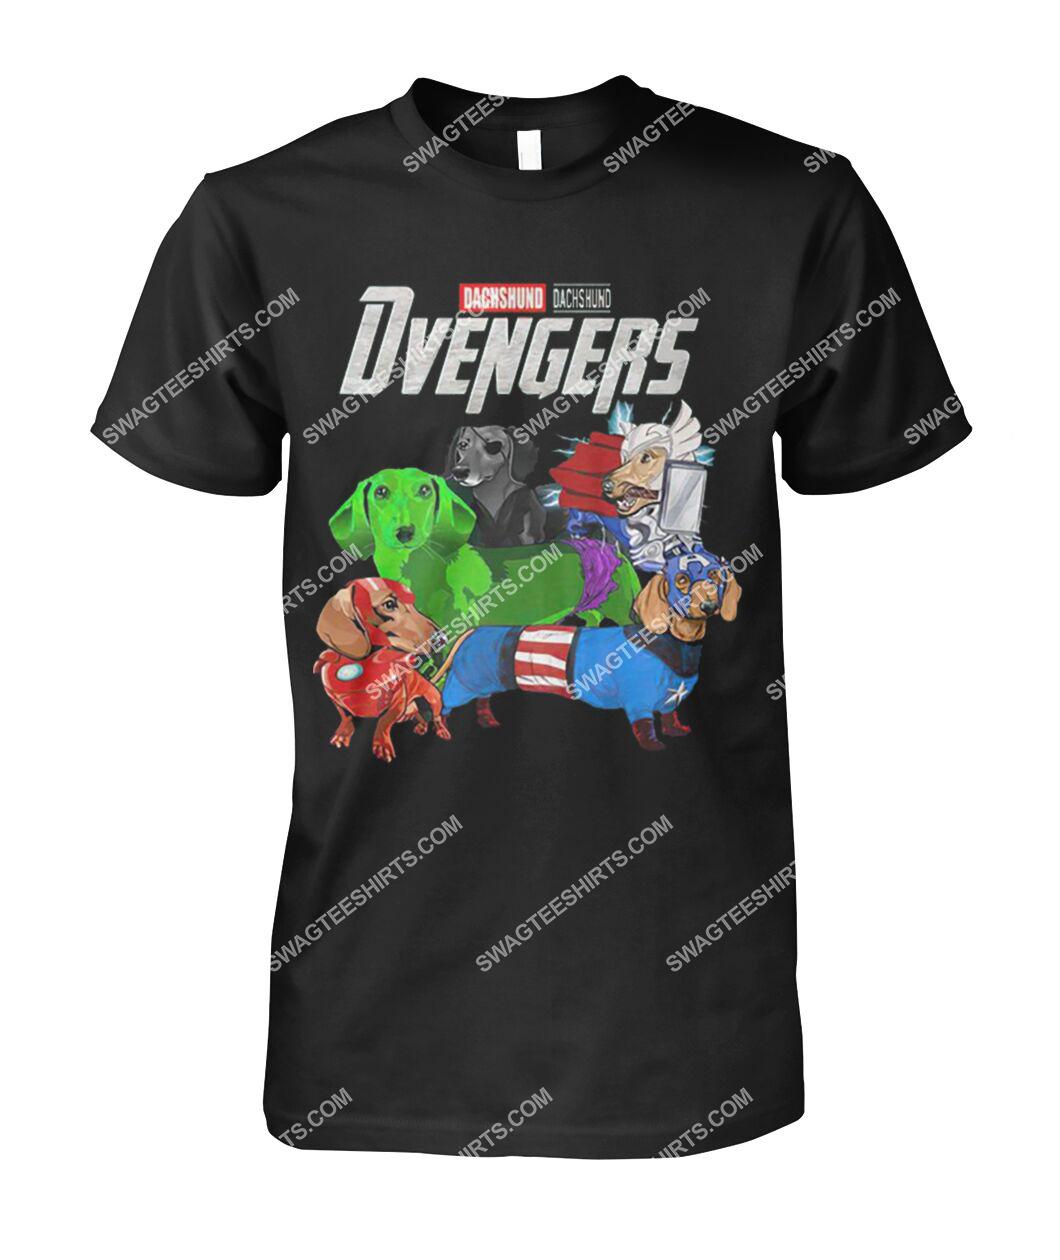 dachshund dvengers marvel avengers dogs lover tshirt 1